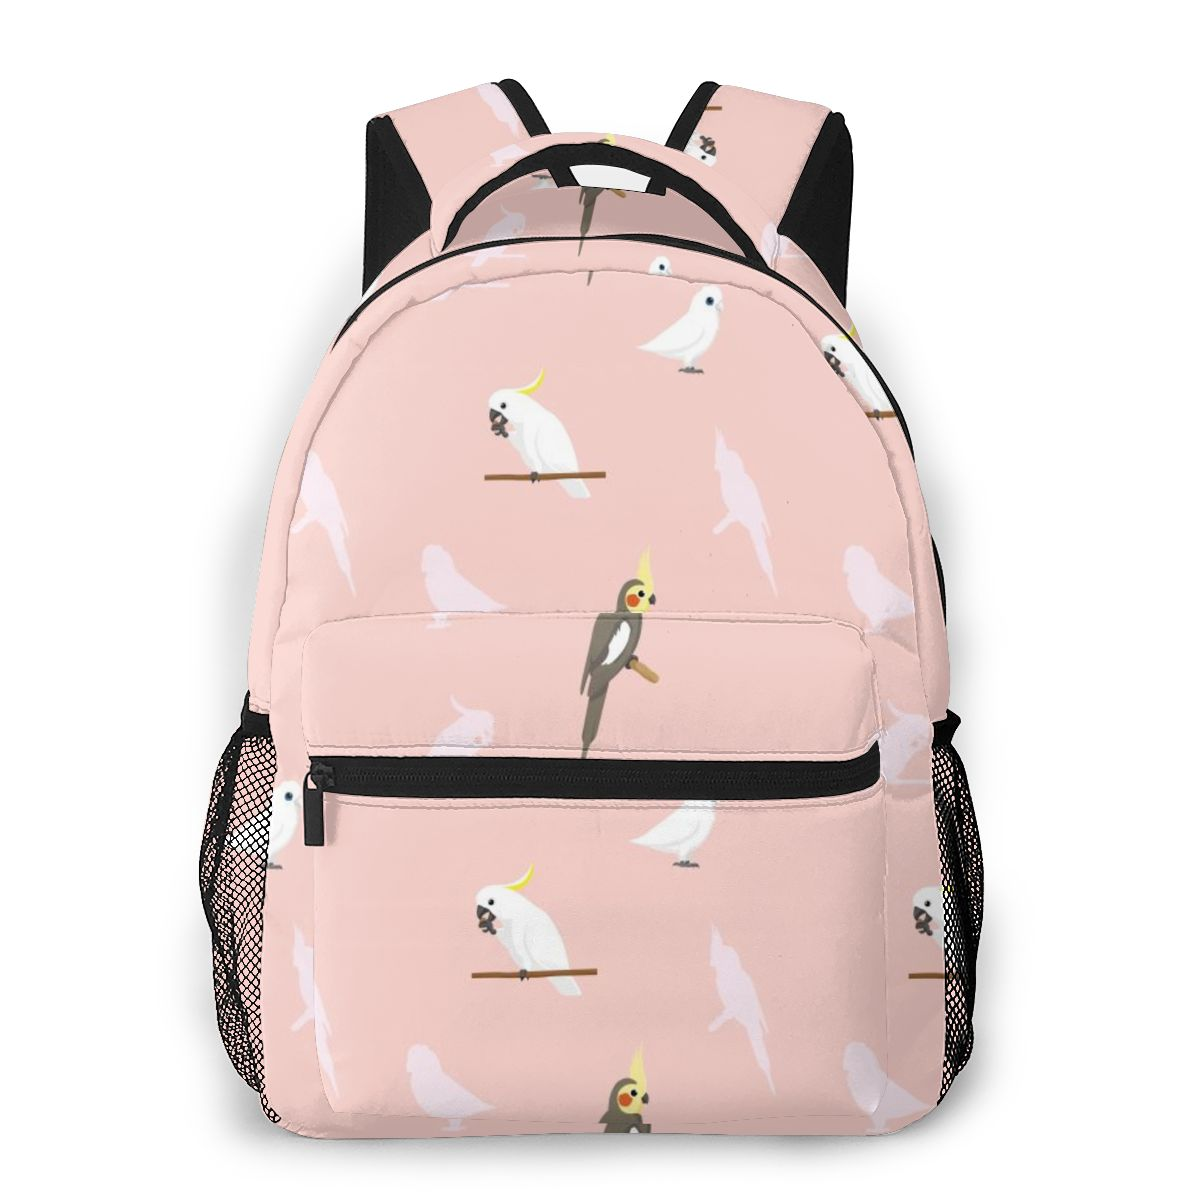 2021 حقيبة ظهر للسفر مضحك الطيور من الببغاء كوكاتيل كوريلا كوكاتو فتاة على ظهره سعة حقيبة مدرسية للمراهقين